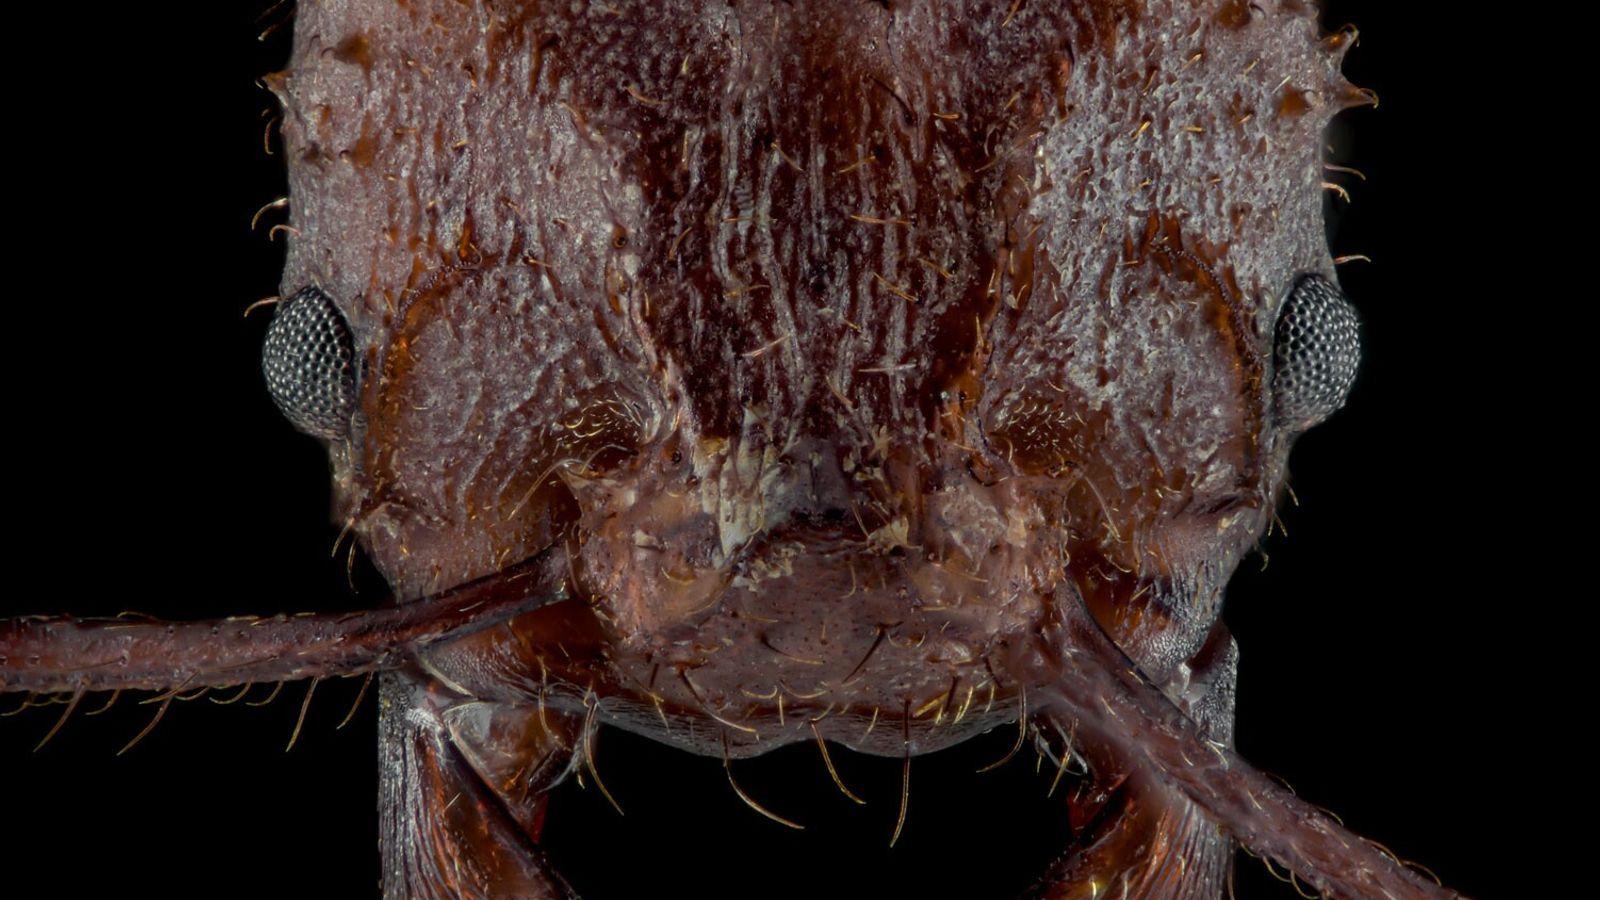 A formiga Acromyrmex echinatior, uma espécie que cultiva fungos, tem um tipo de revestimento biomineral recém-descoberto ...